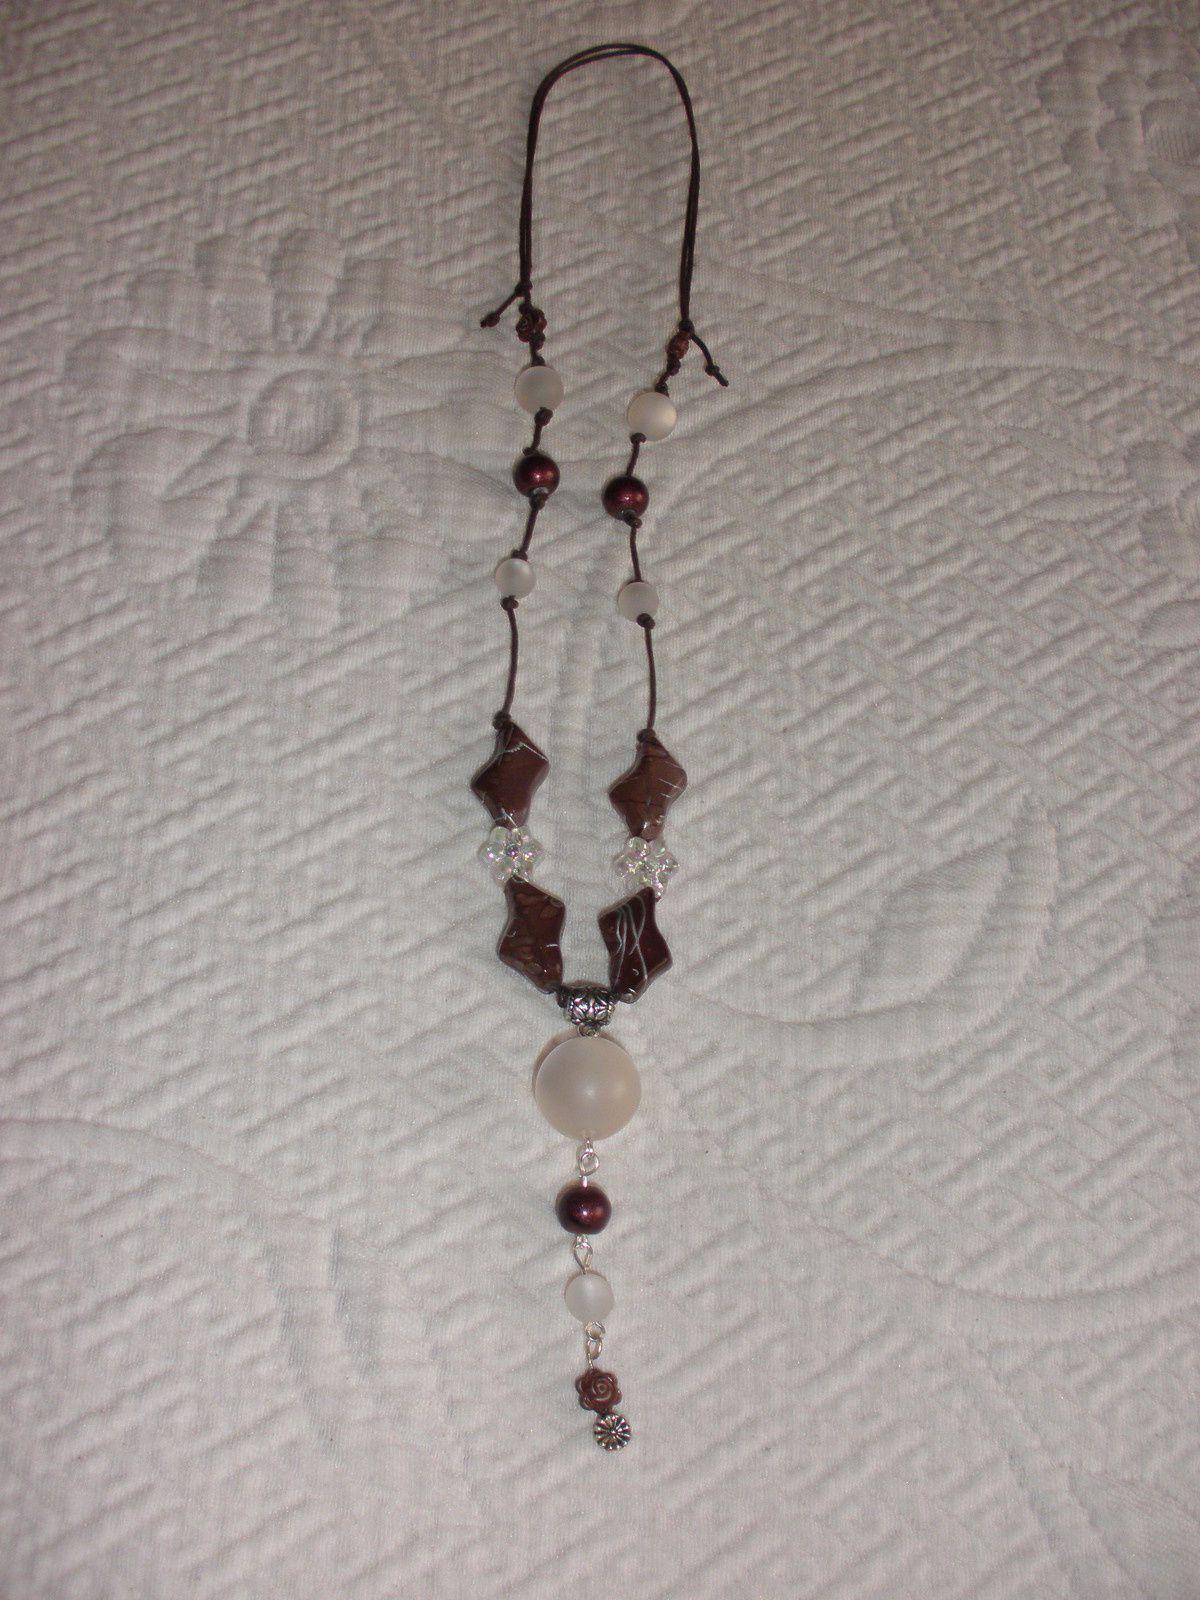 Des perles en forme de fleurs  agrémentent ce collier dont on voit la transparence.